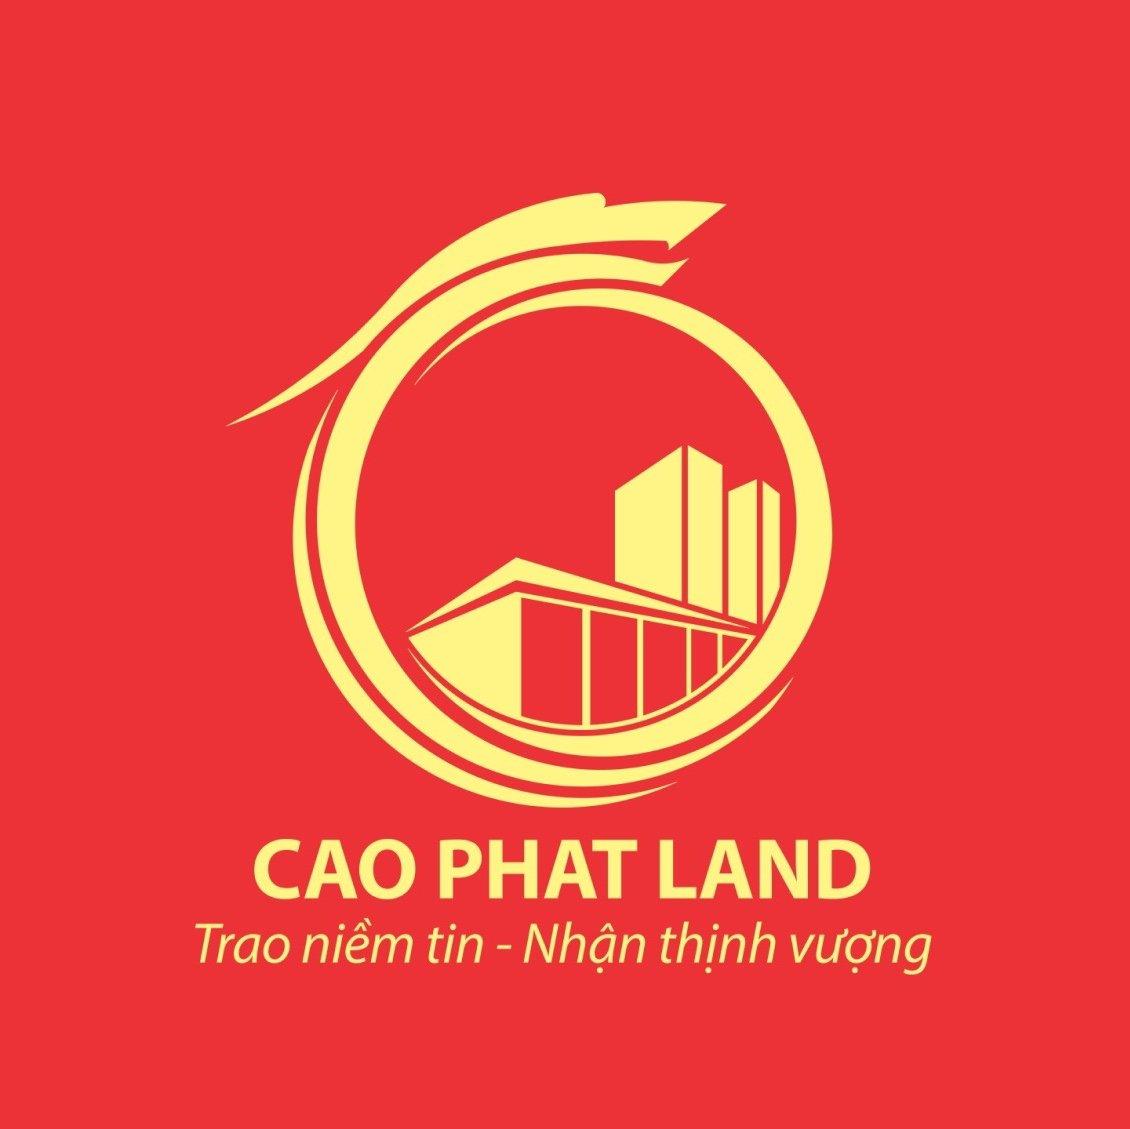 Cao Phat Land – Bán và cho thuê nhà xưởng tại Bình Dương